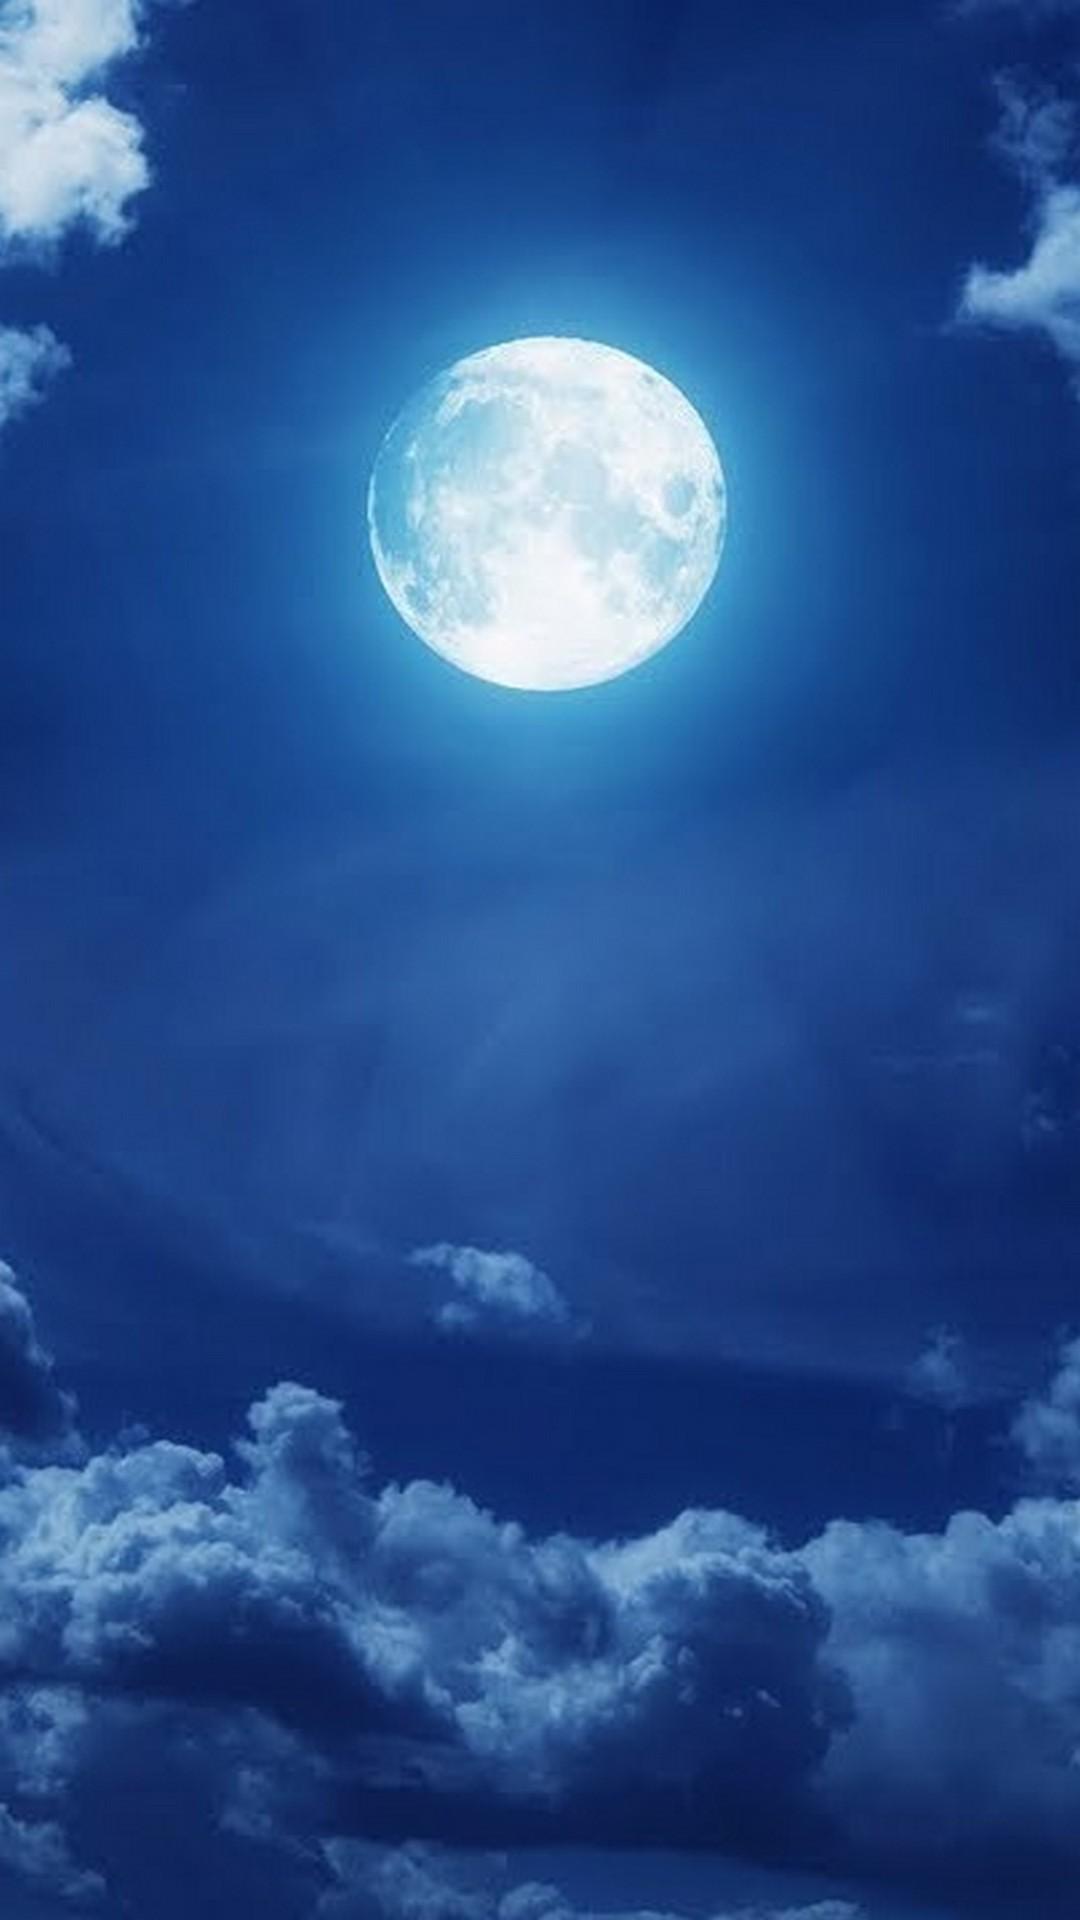 月のhd写真のダウンロード 青いアンドロイドの壁紙 1080x19 Wallpapertip